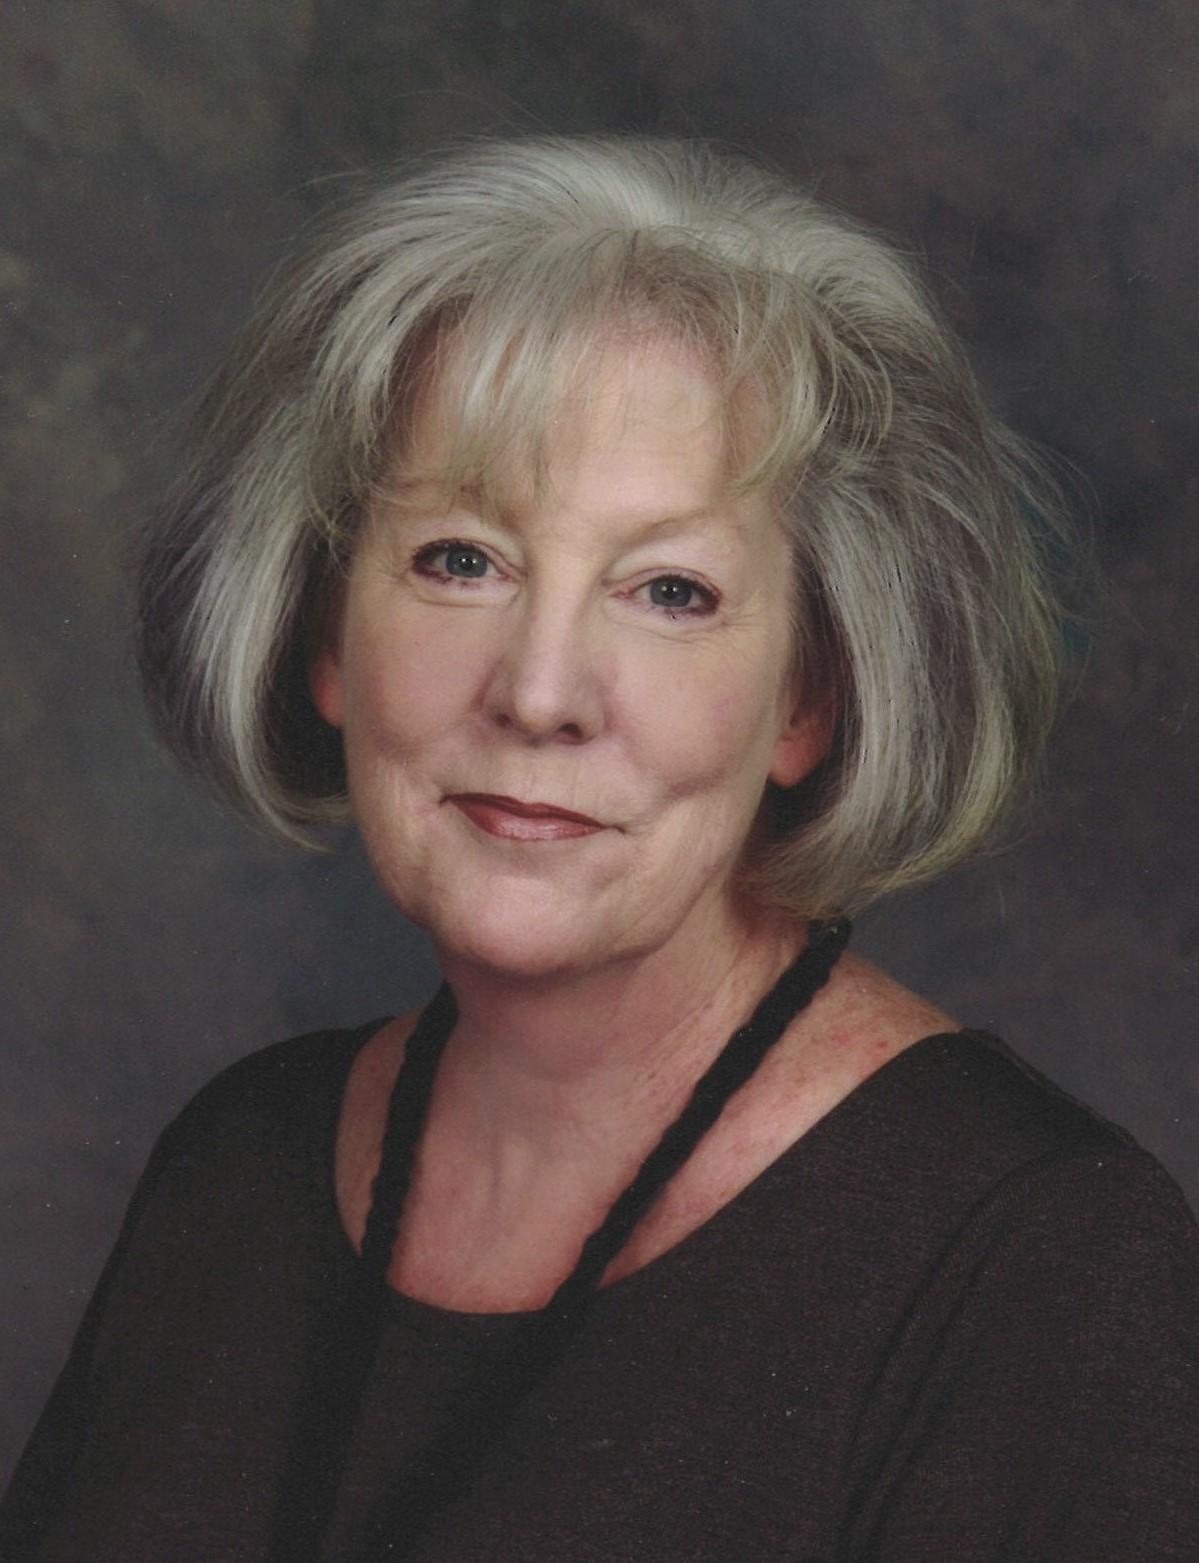 Cindy McCuaig